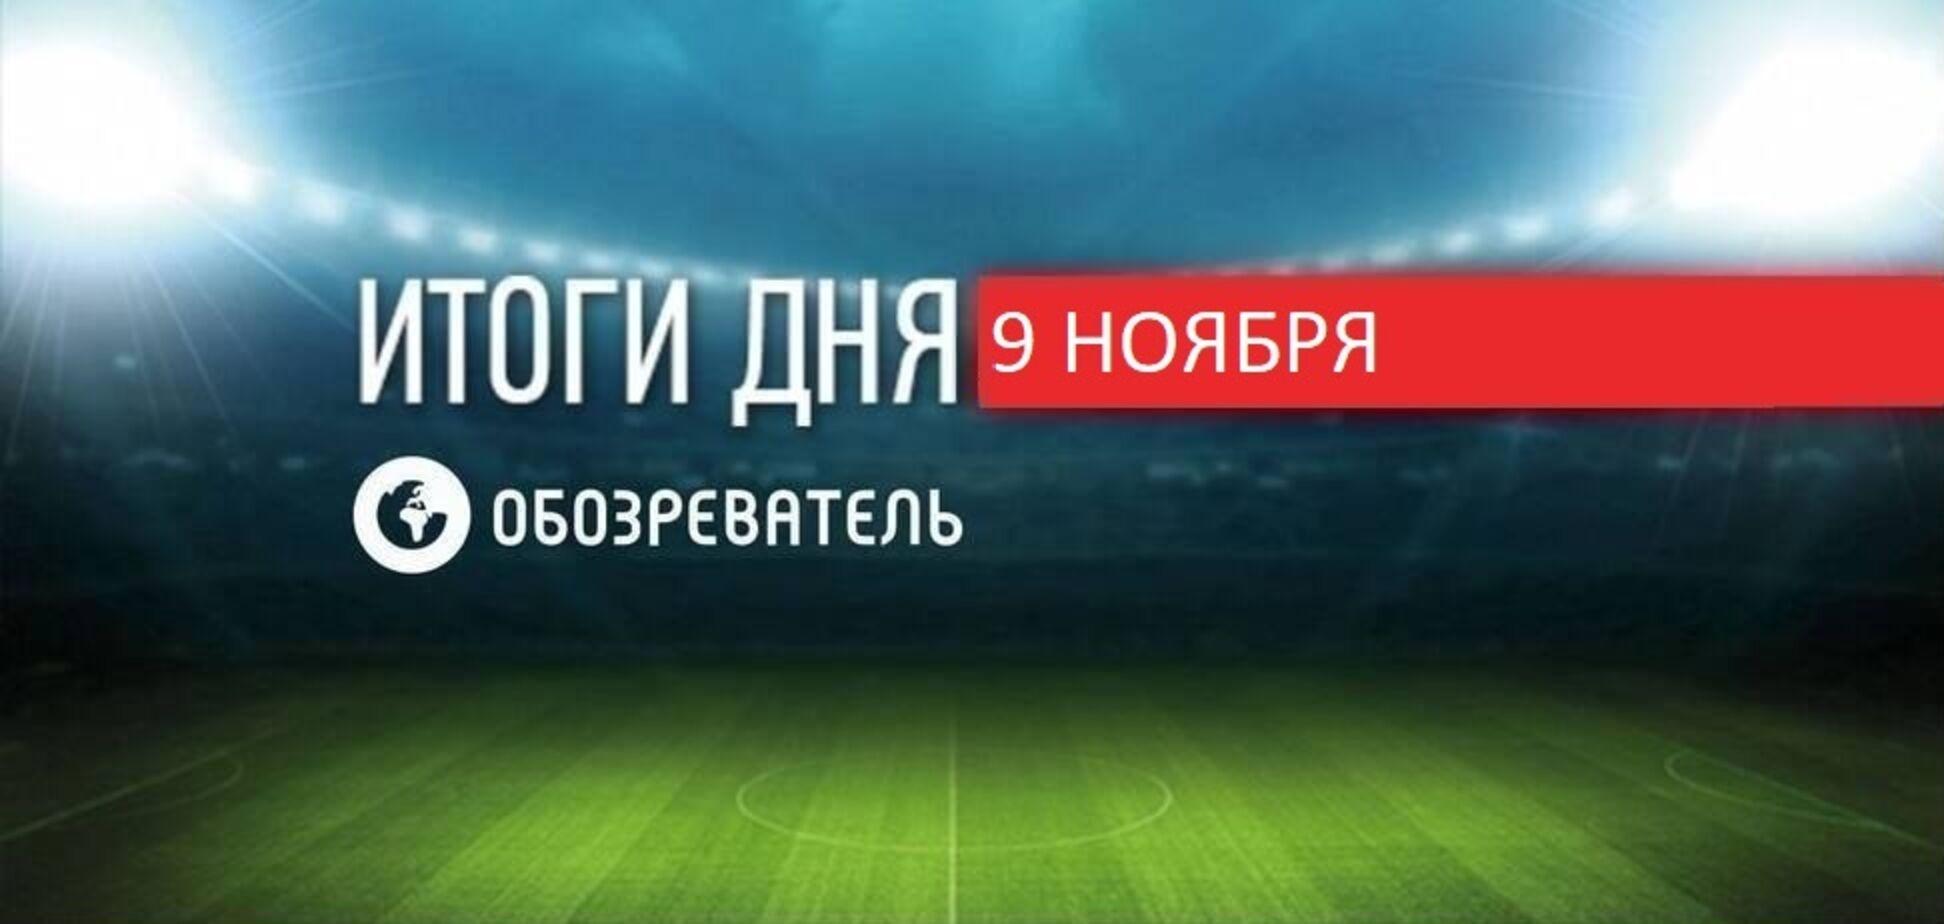 Ведущая 'Матч ТВ' отреагировала на скандал с Дзюбой: спортивные итоги 9 ноября